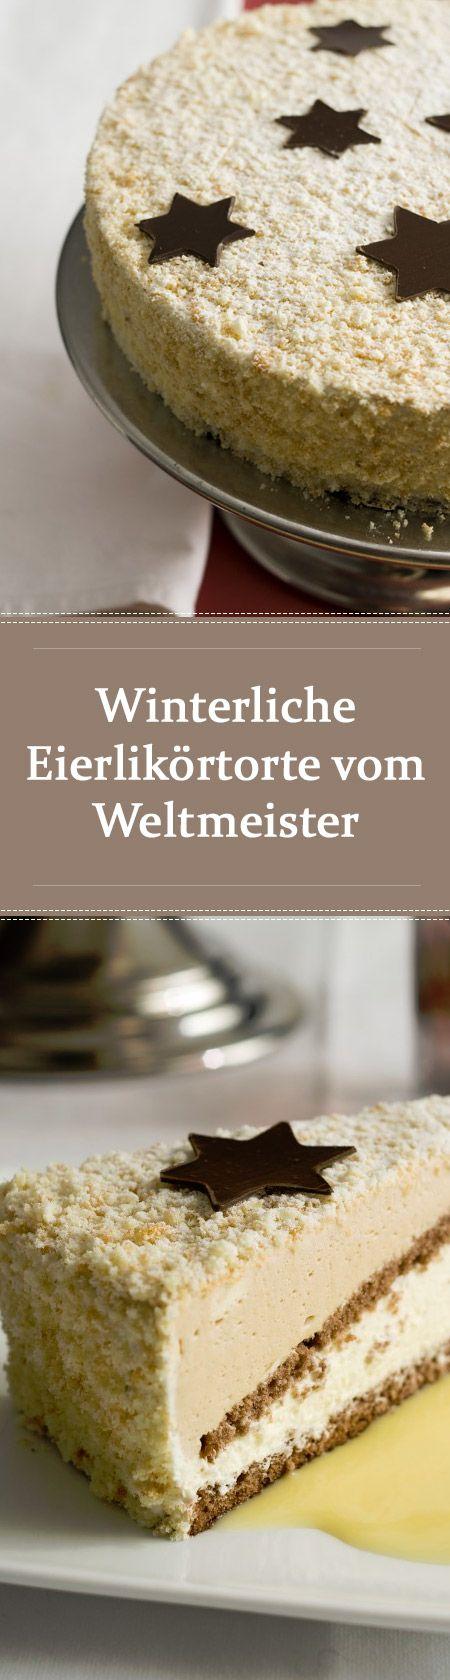 Winterliche Eierlikörtorte vom Weltmeister der Konditoren Manfred Bacher - Kuchenrezepte mit Eierlikör #christmascocktails